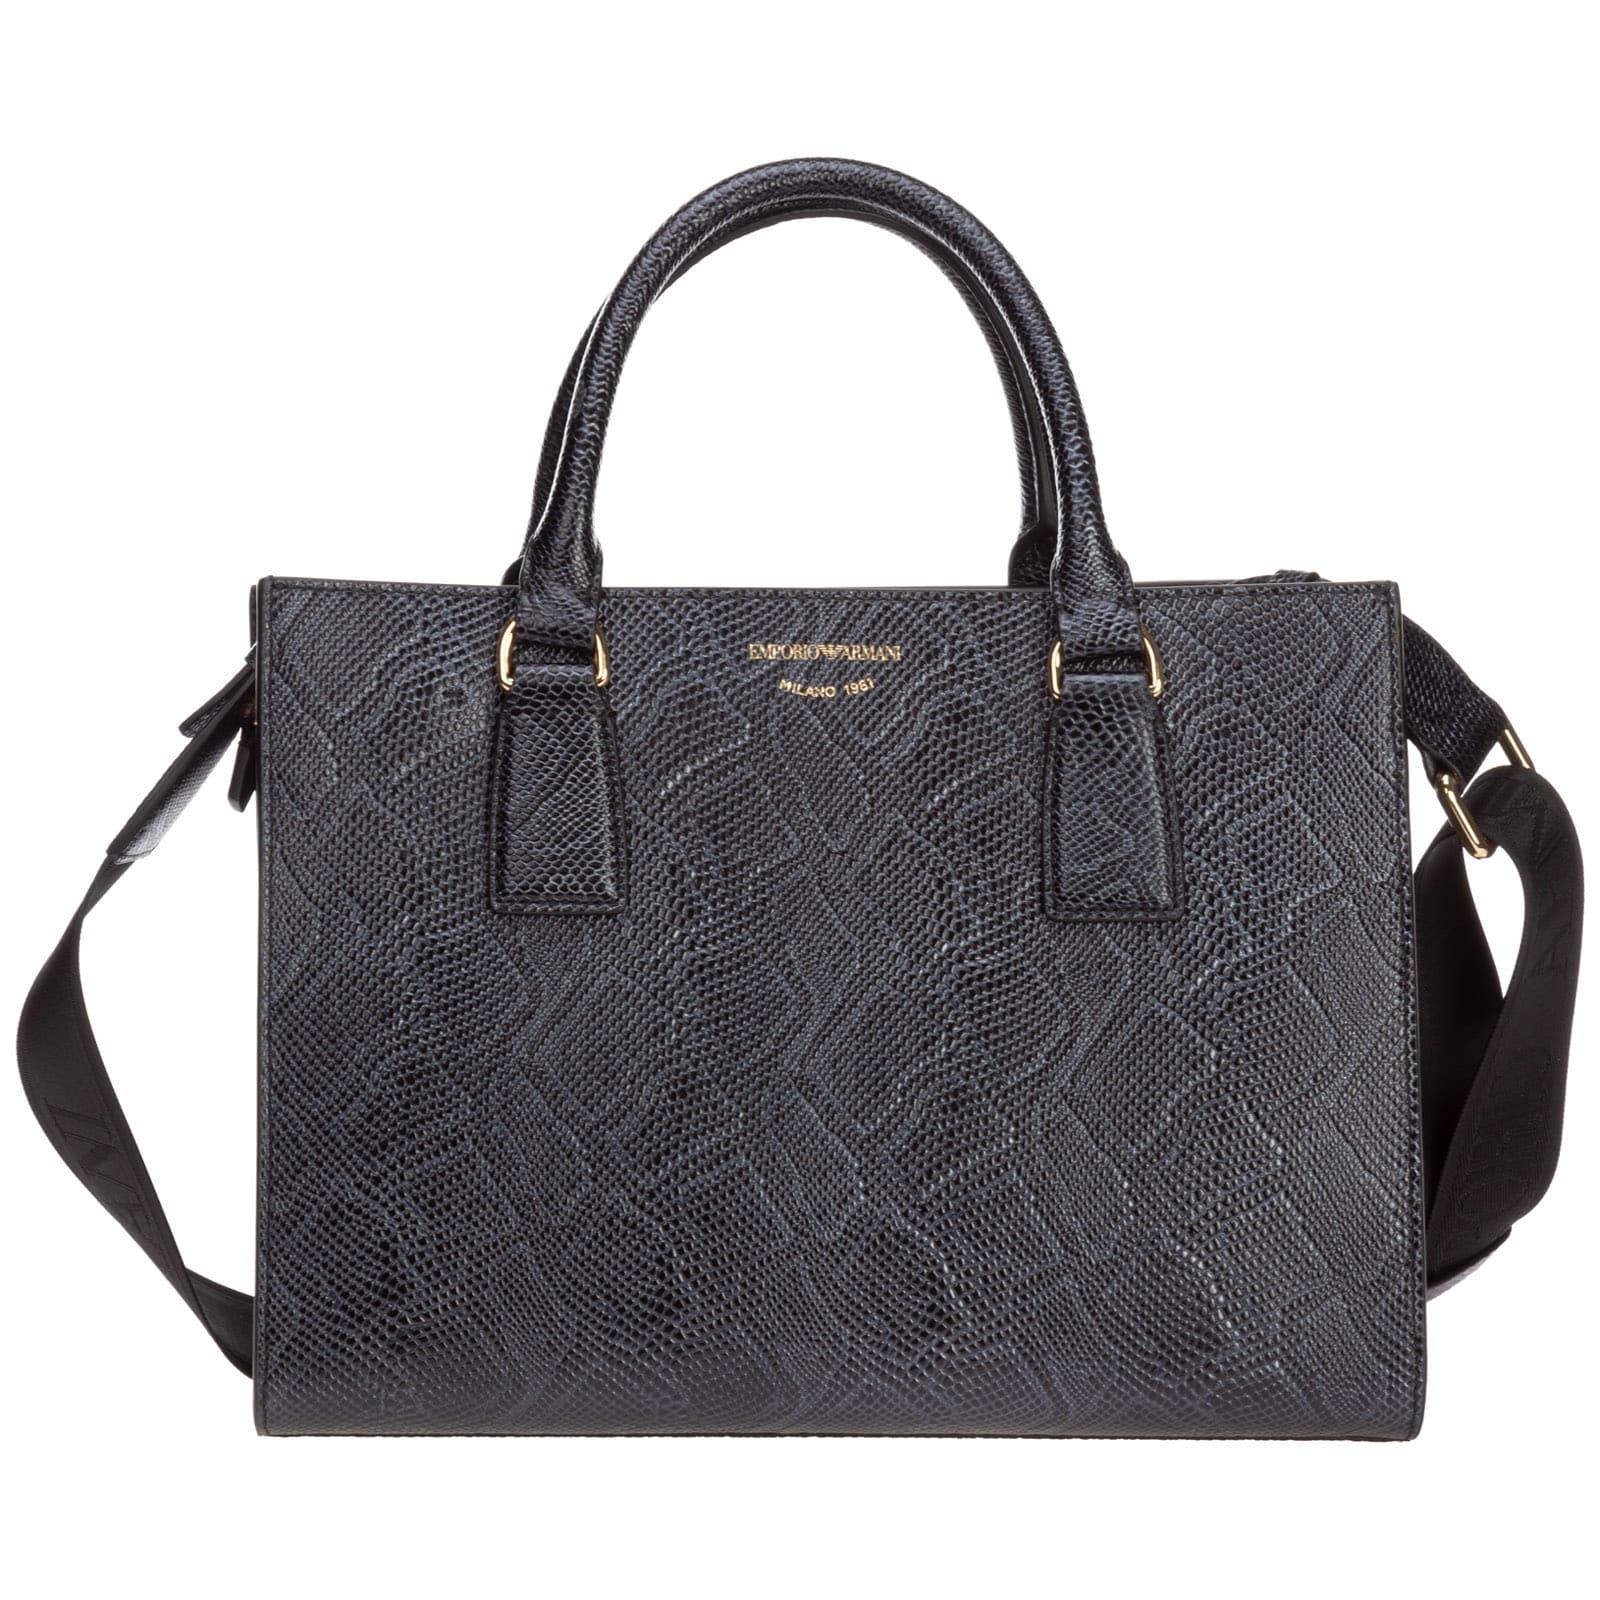 Emporio Armani Rebel Hearts Handbags